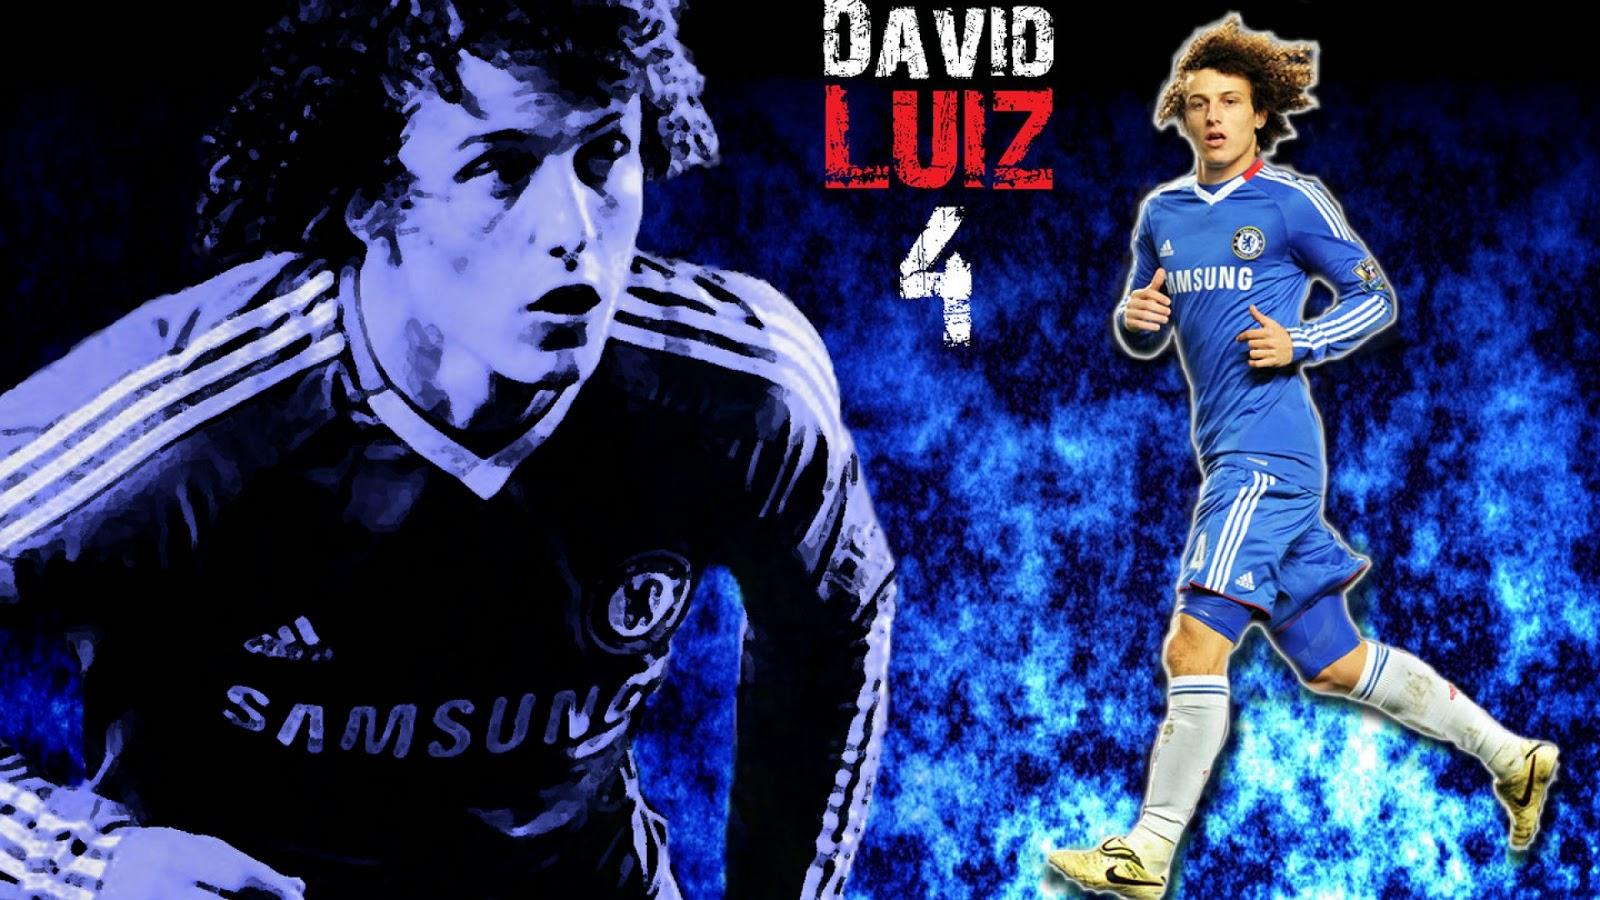 David Luiz Chelsea Wallpaper